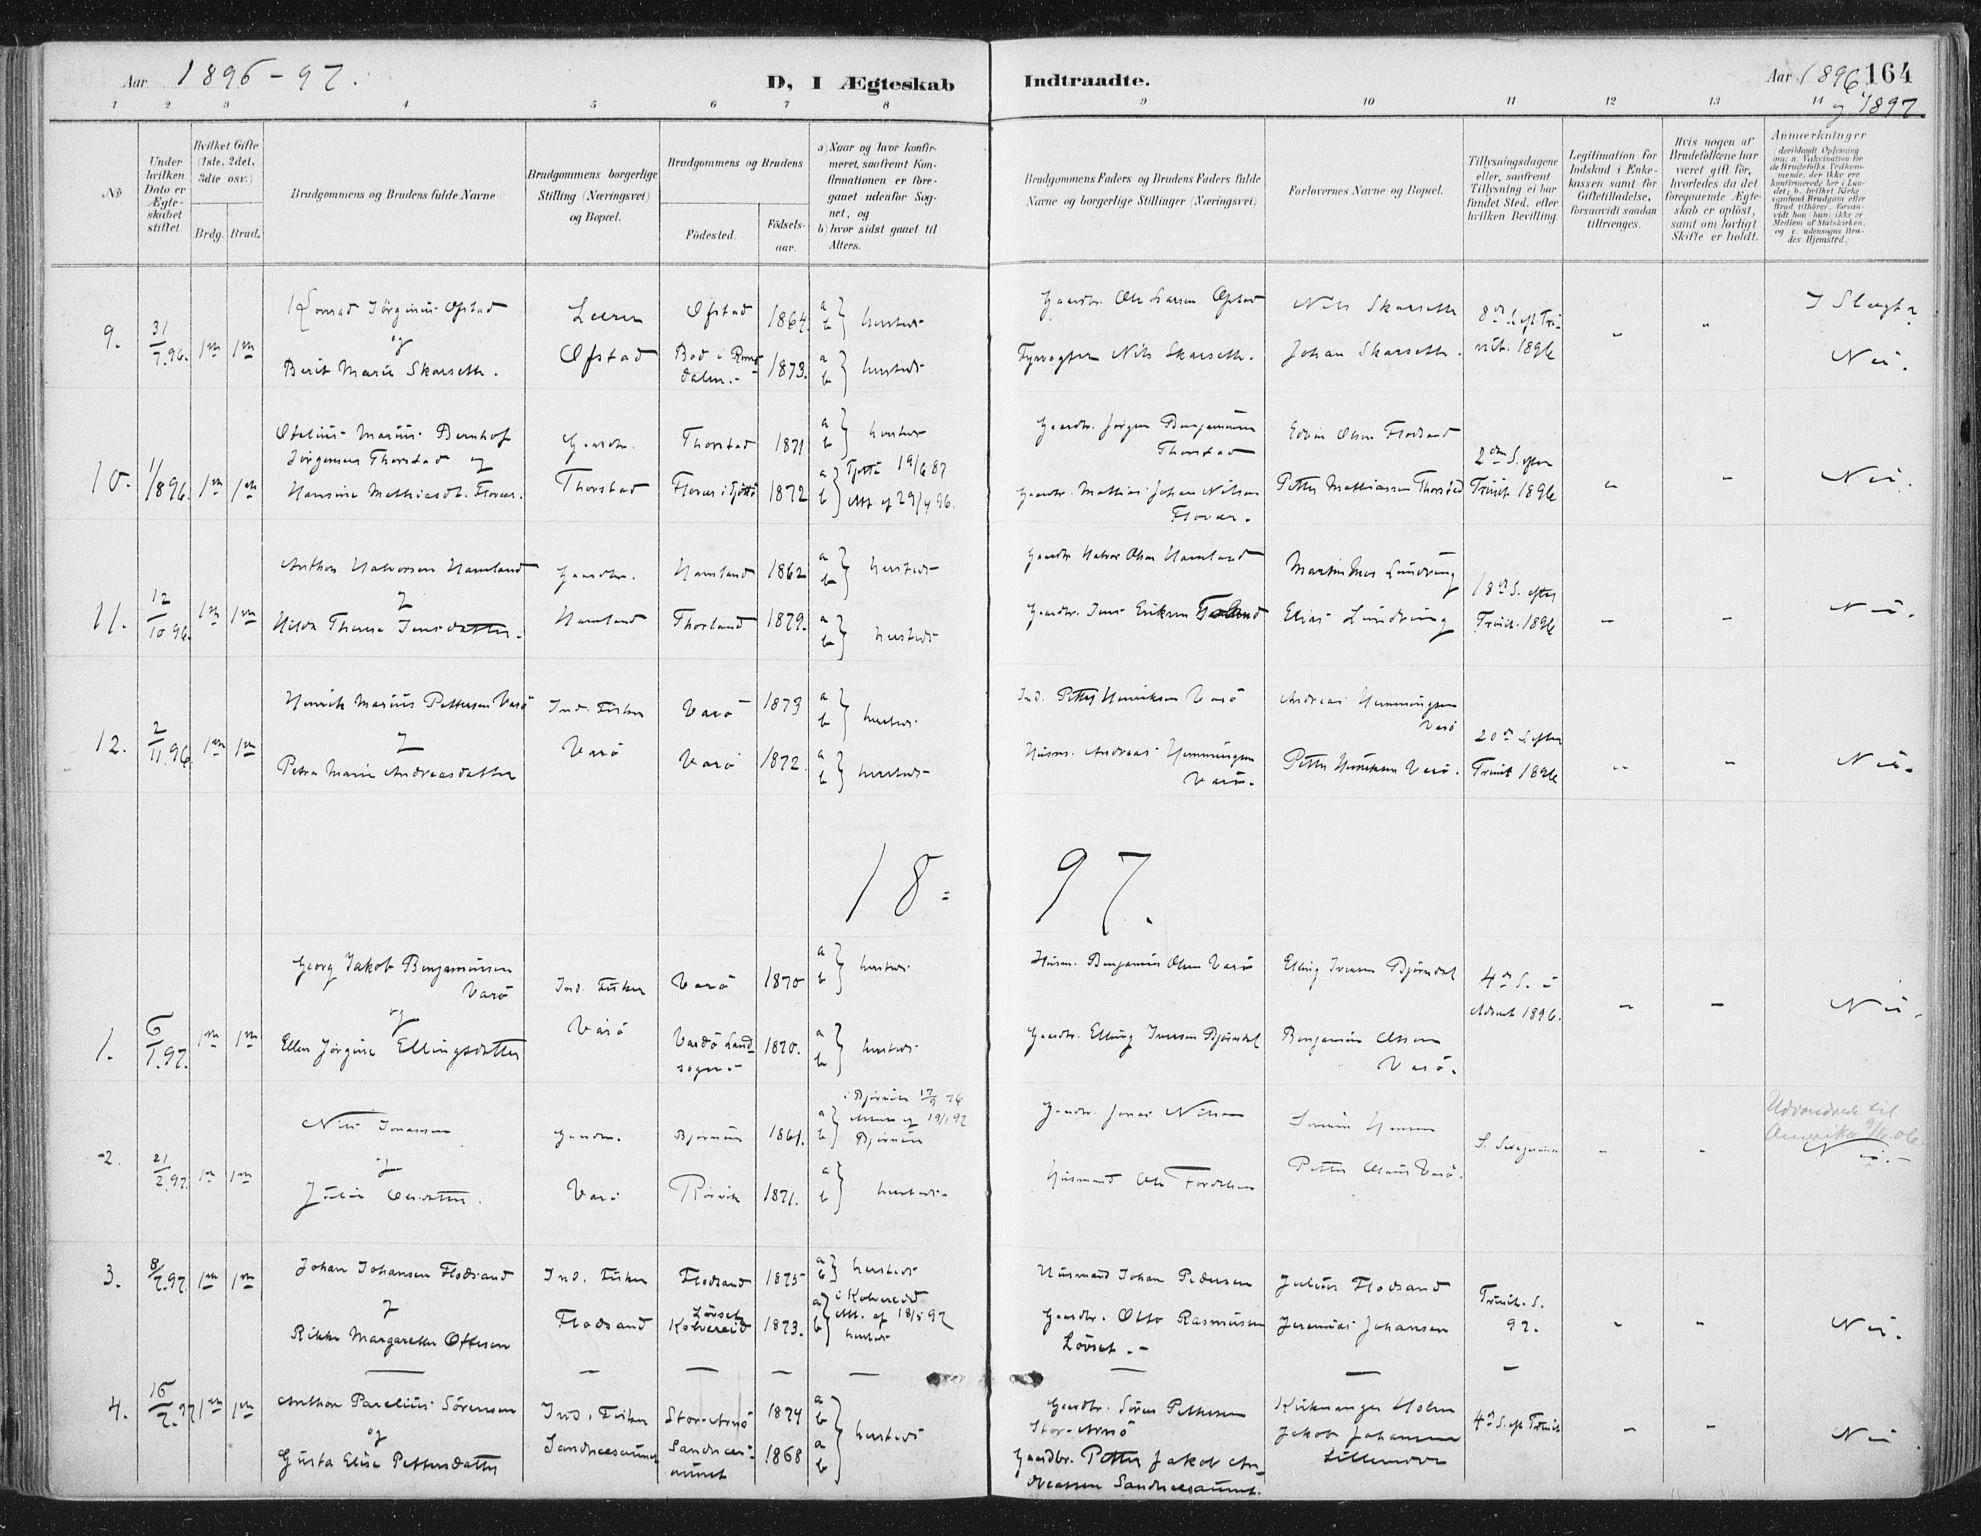 SAT, Ministerialprotokoller, klokkerbøker og fødselsregistre - Nord-Trøndelag, 784/L0673: Ministerialbok nr. 784A08, 1888-1899, s. 164